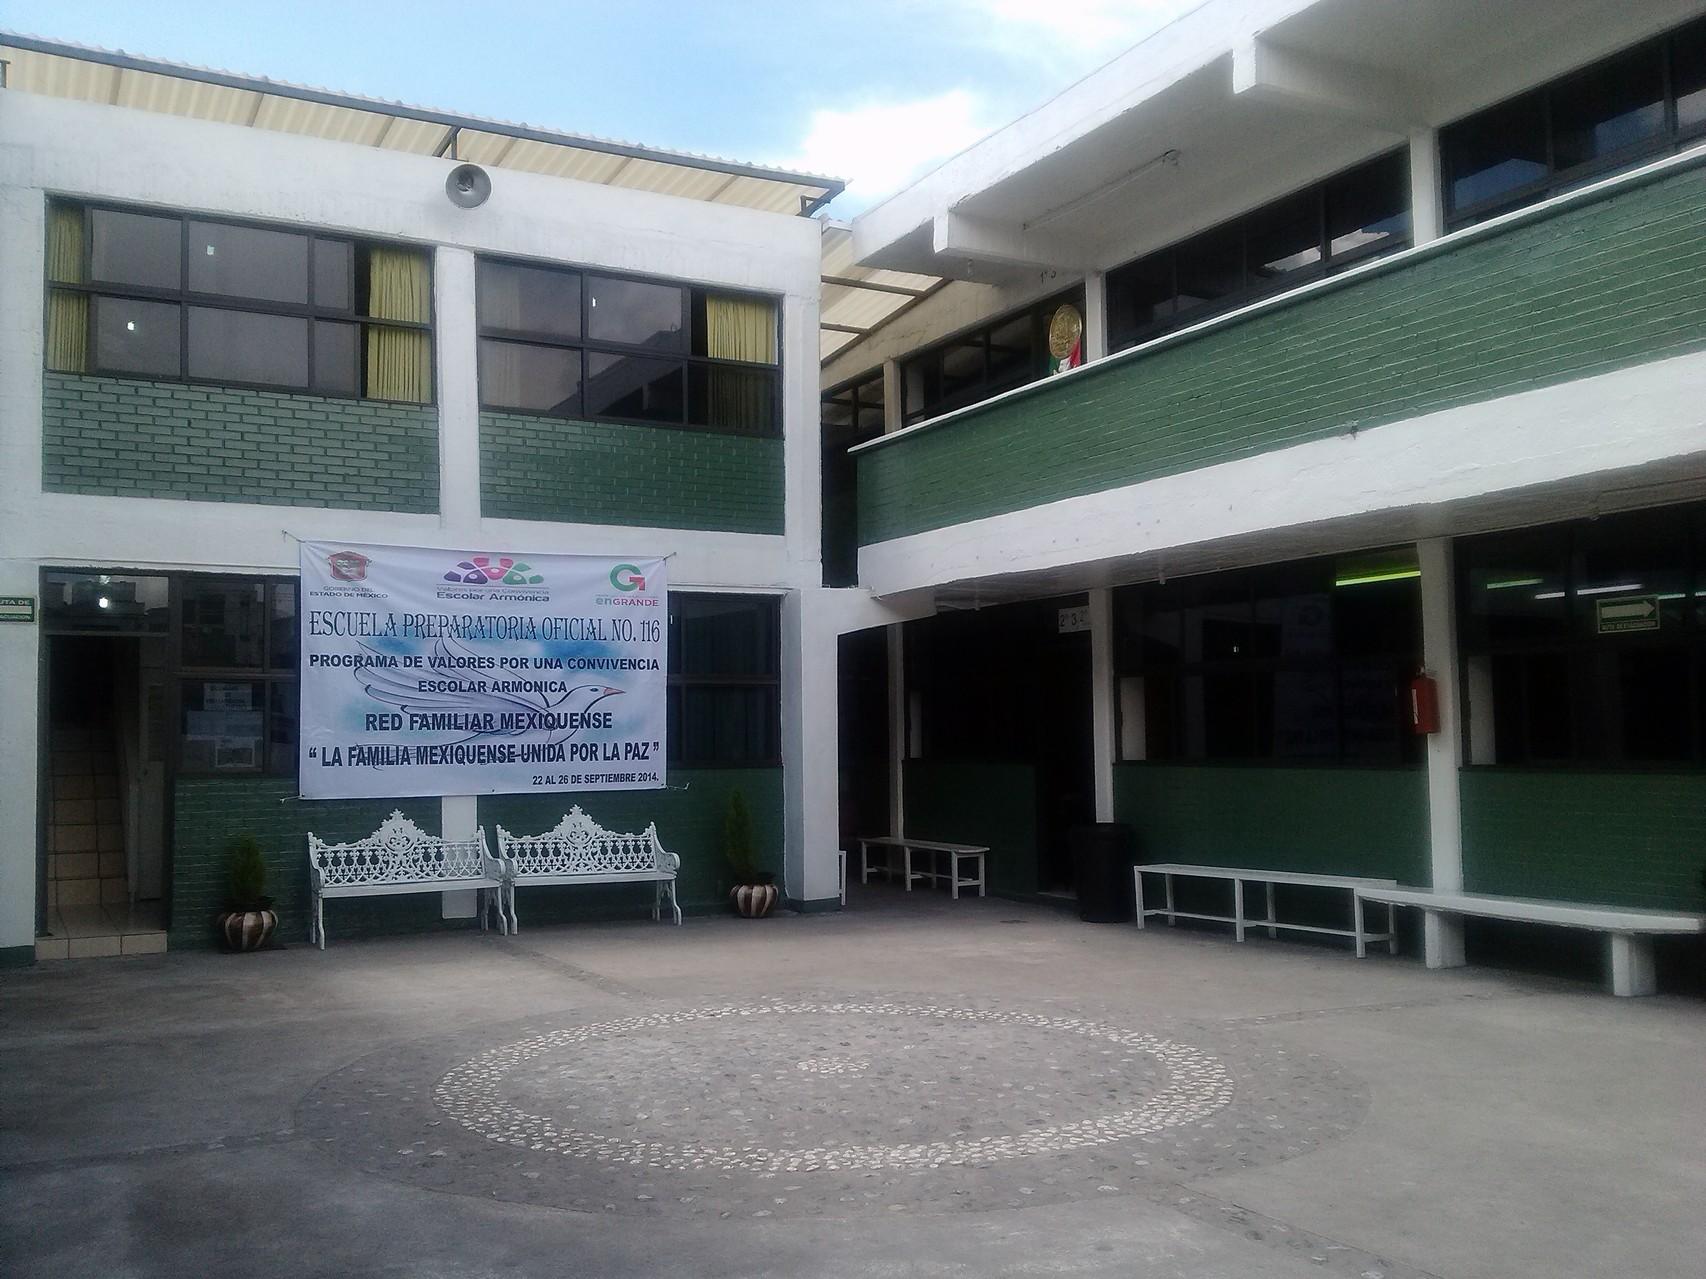 Jornada de acompa amiento academico y planificacion for Mural de prepa 1 toluca